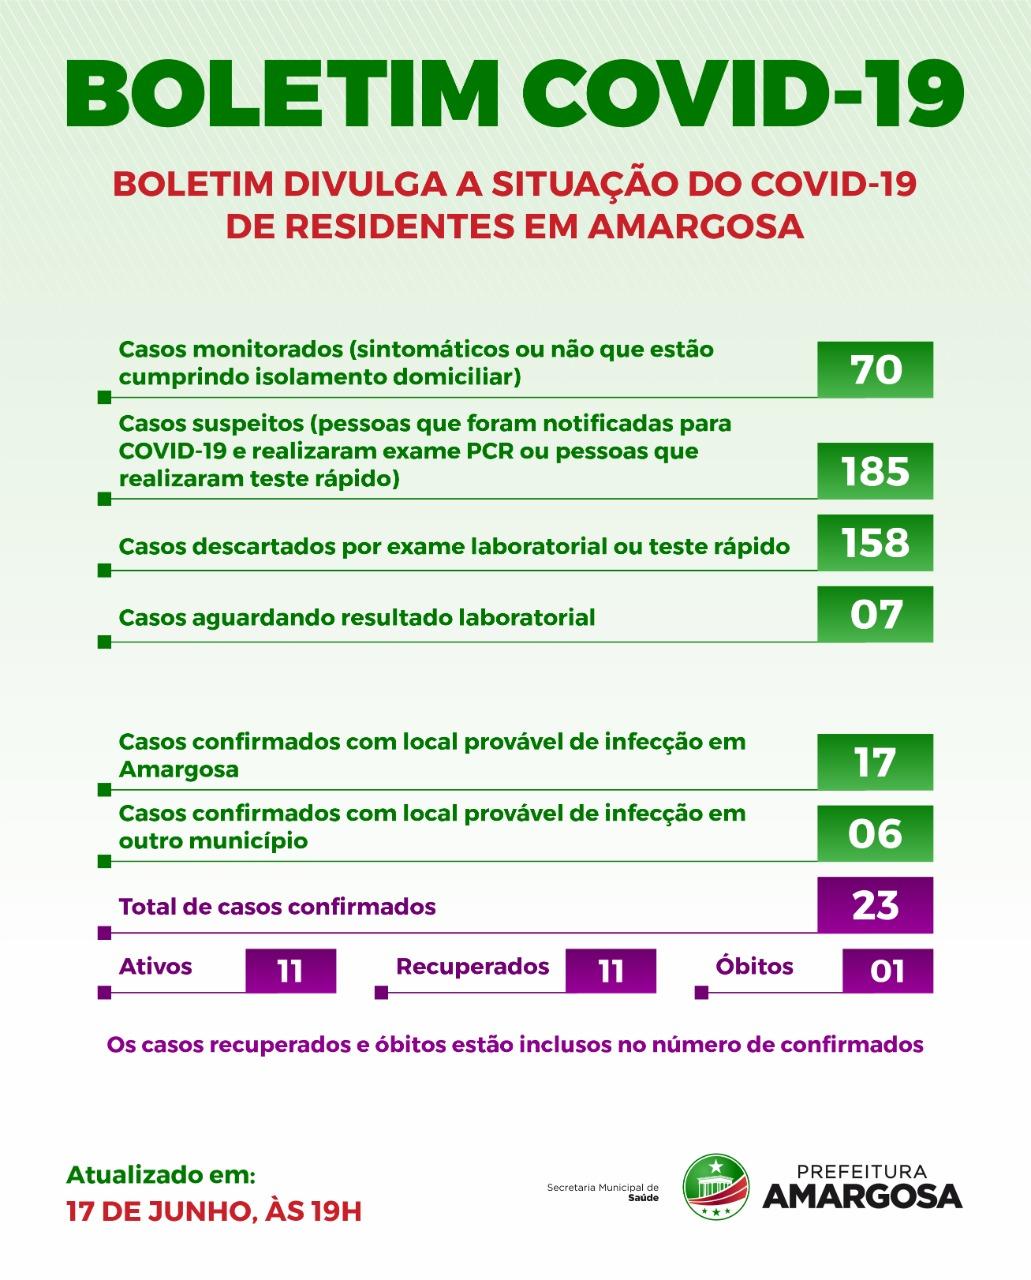 Sobe para 23 os confirmados e 11 recuperados de Covid-19 em Amargosa